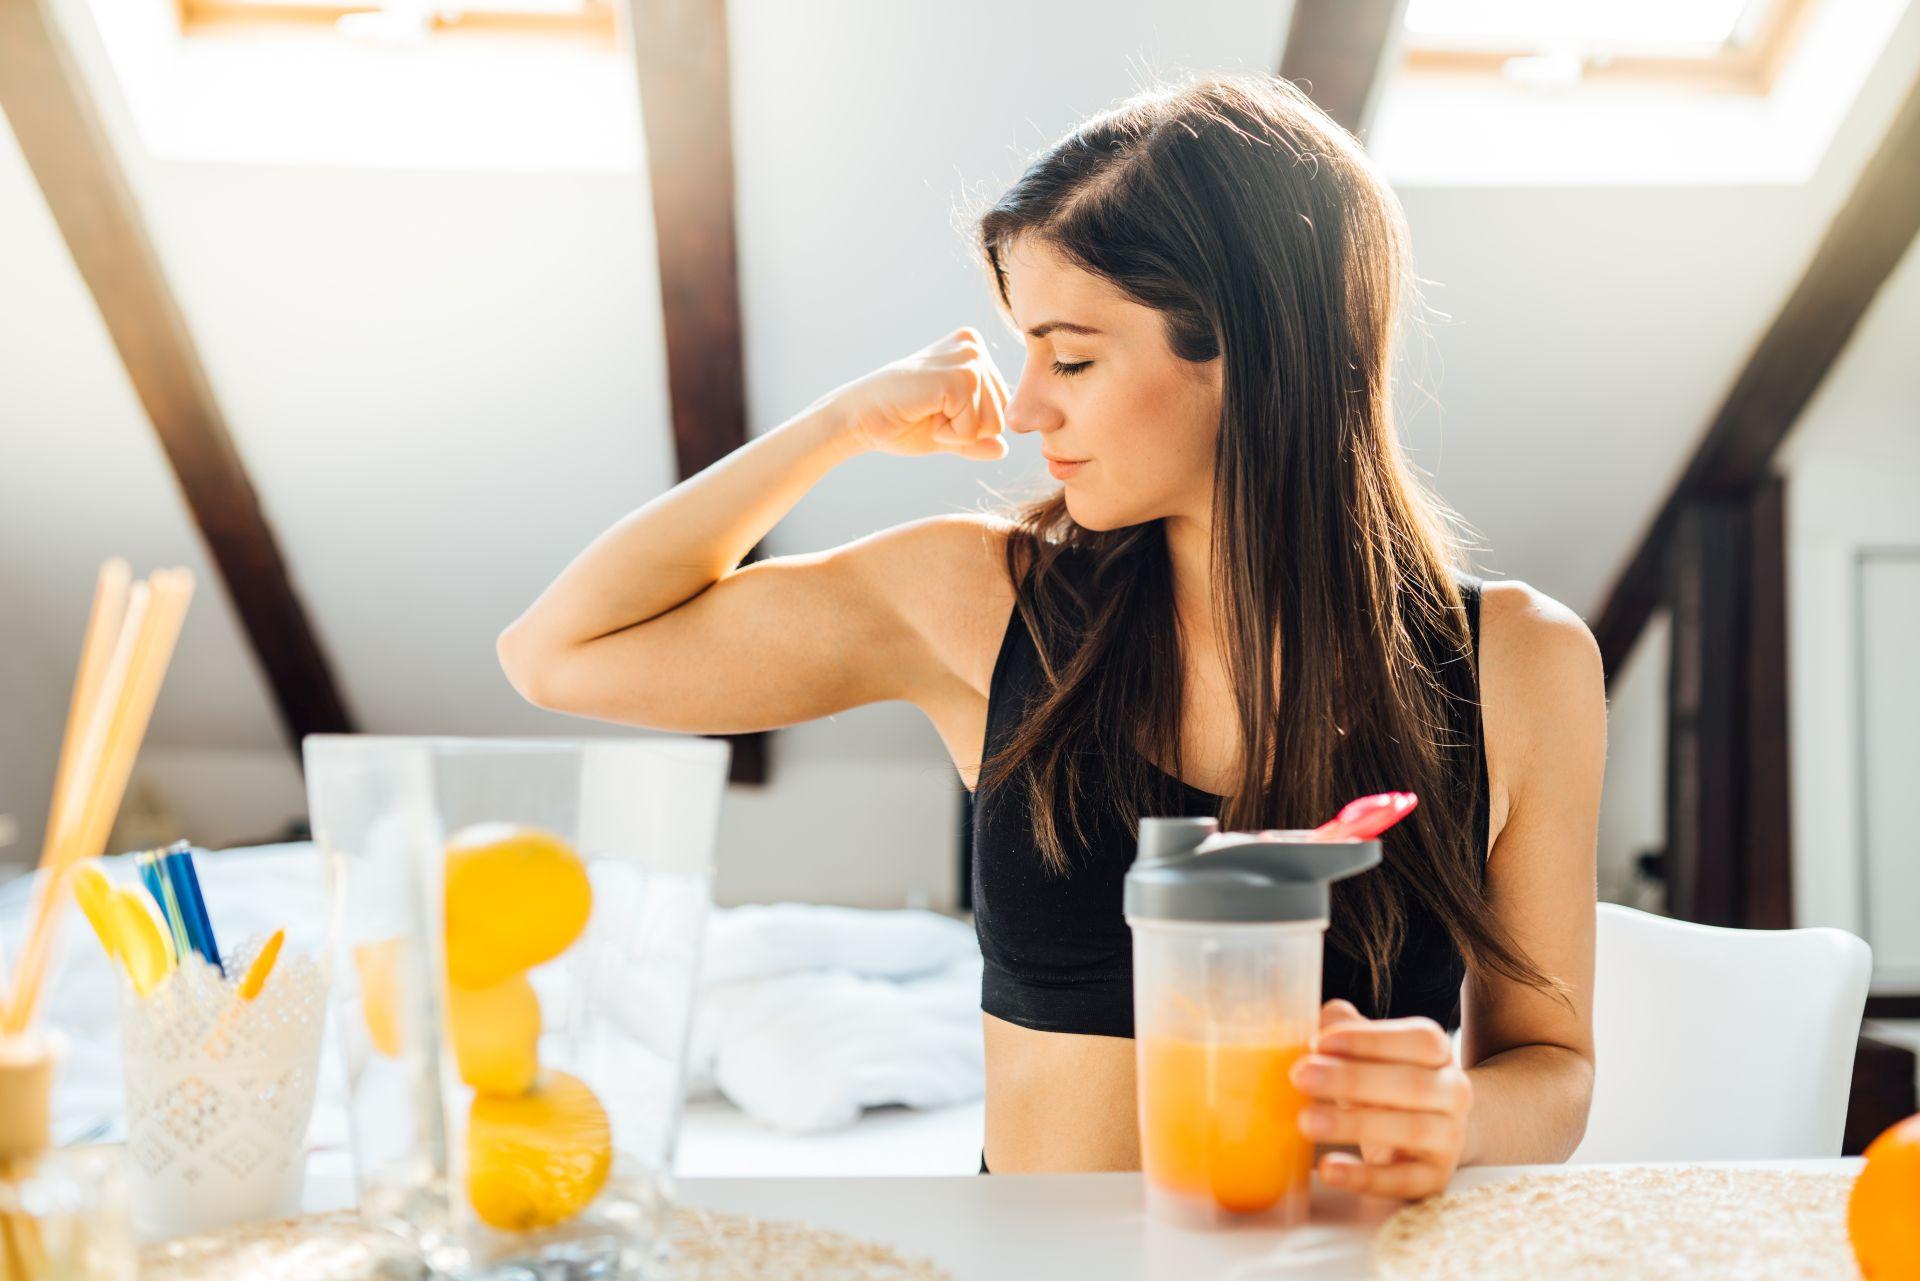 Dieta jesienna dla dorosłych bogata w kwas DHA i EPA, kwasy tłuszczowe Omega-3, witaminy i składniki odżywcze to idealna dieta na odporność, która pomoże wzmacniać organizm przez cały rok.